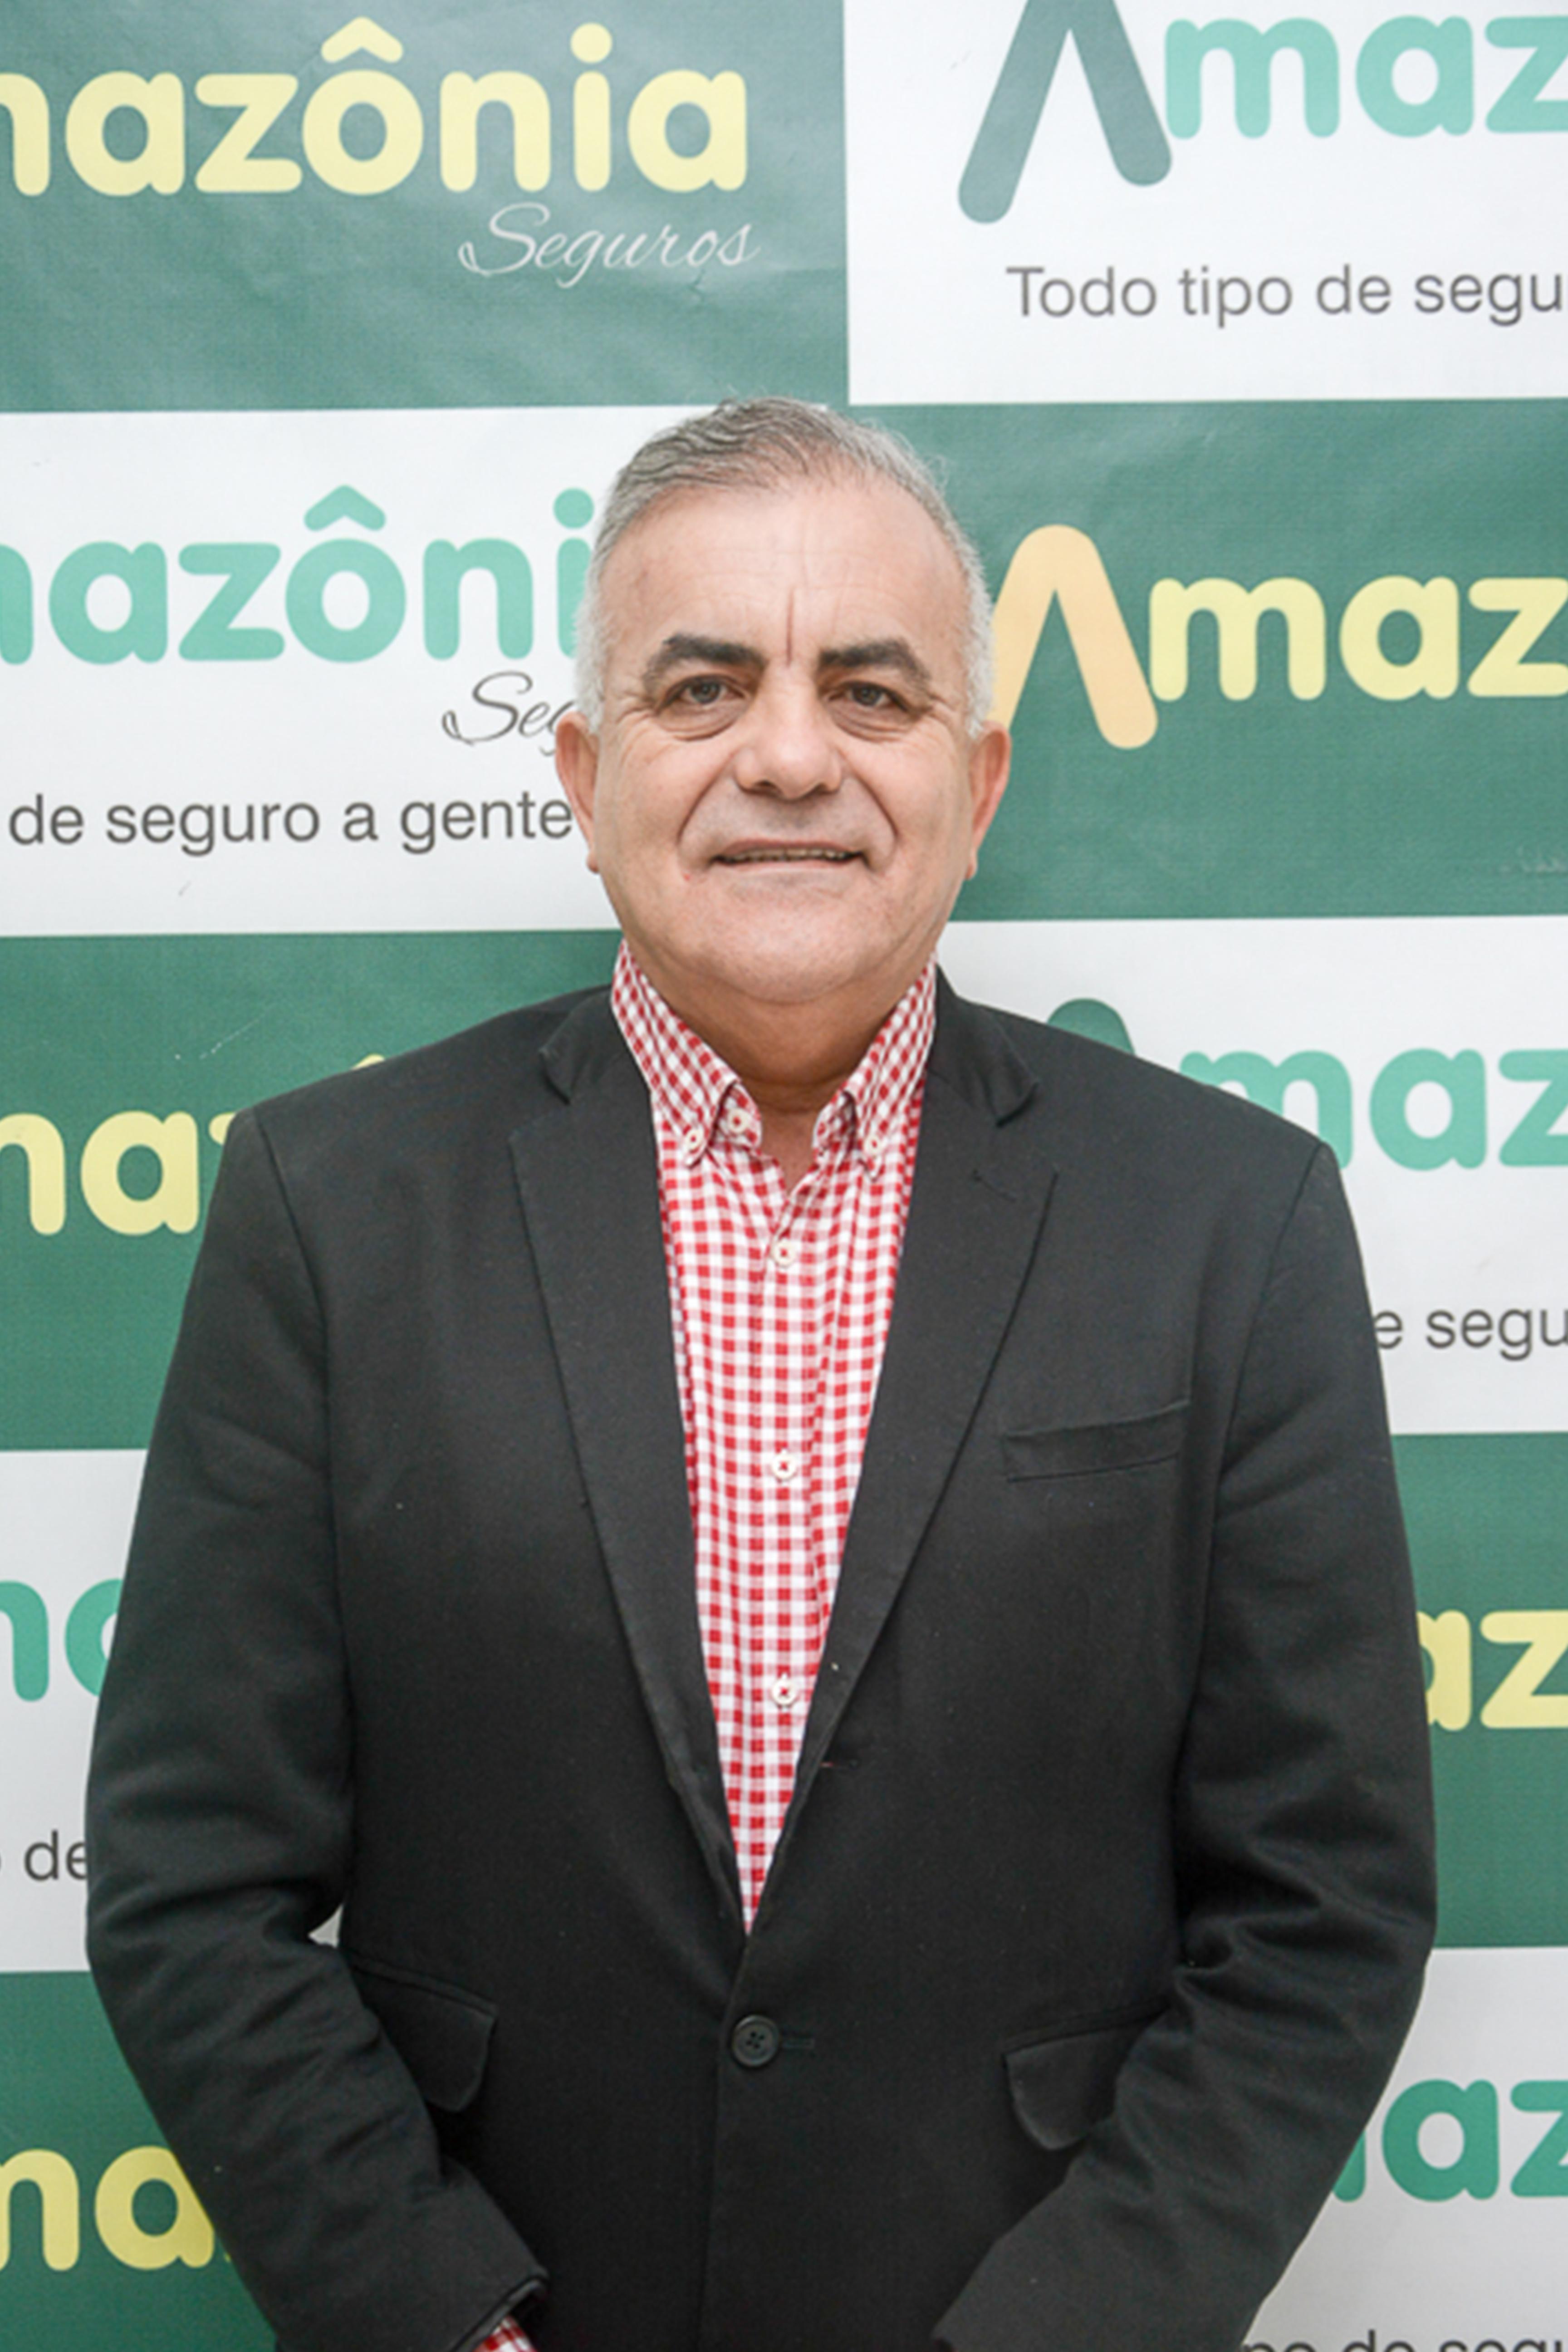 José Carlos Ramalho